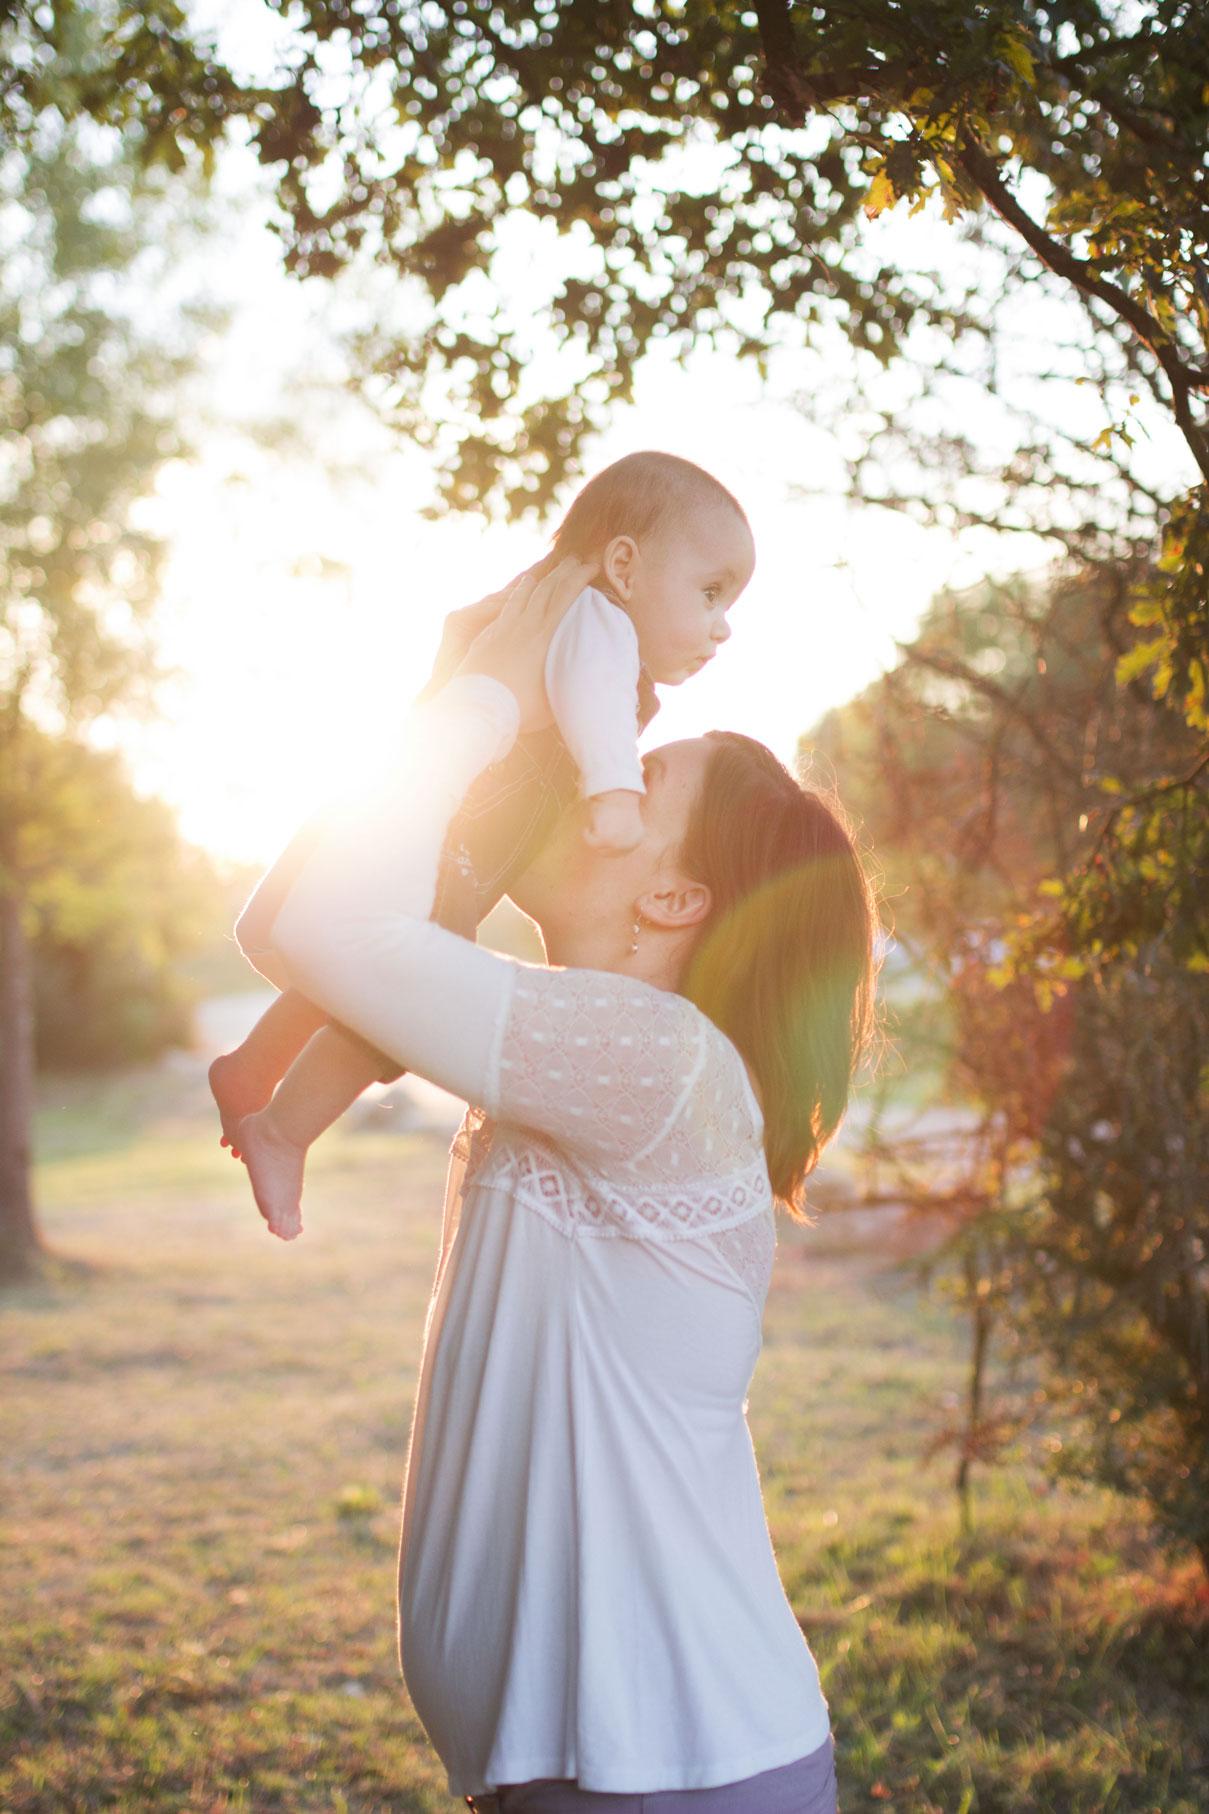 Cyrielle et son bébé Joshua au coucher du soleil